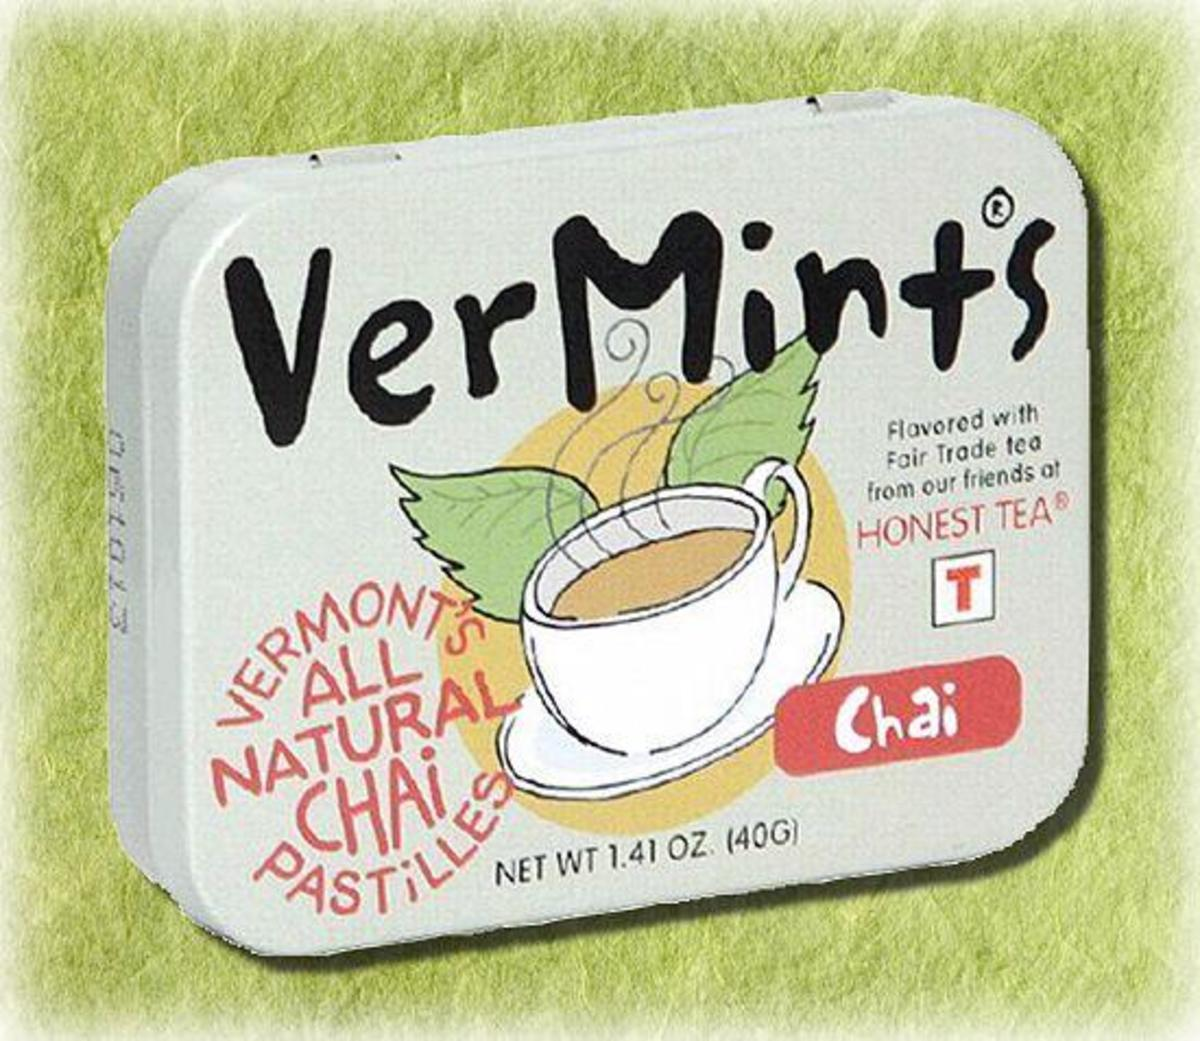 VerMints